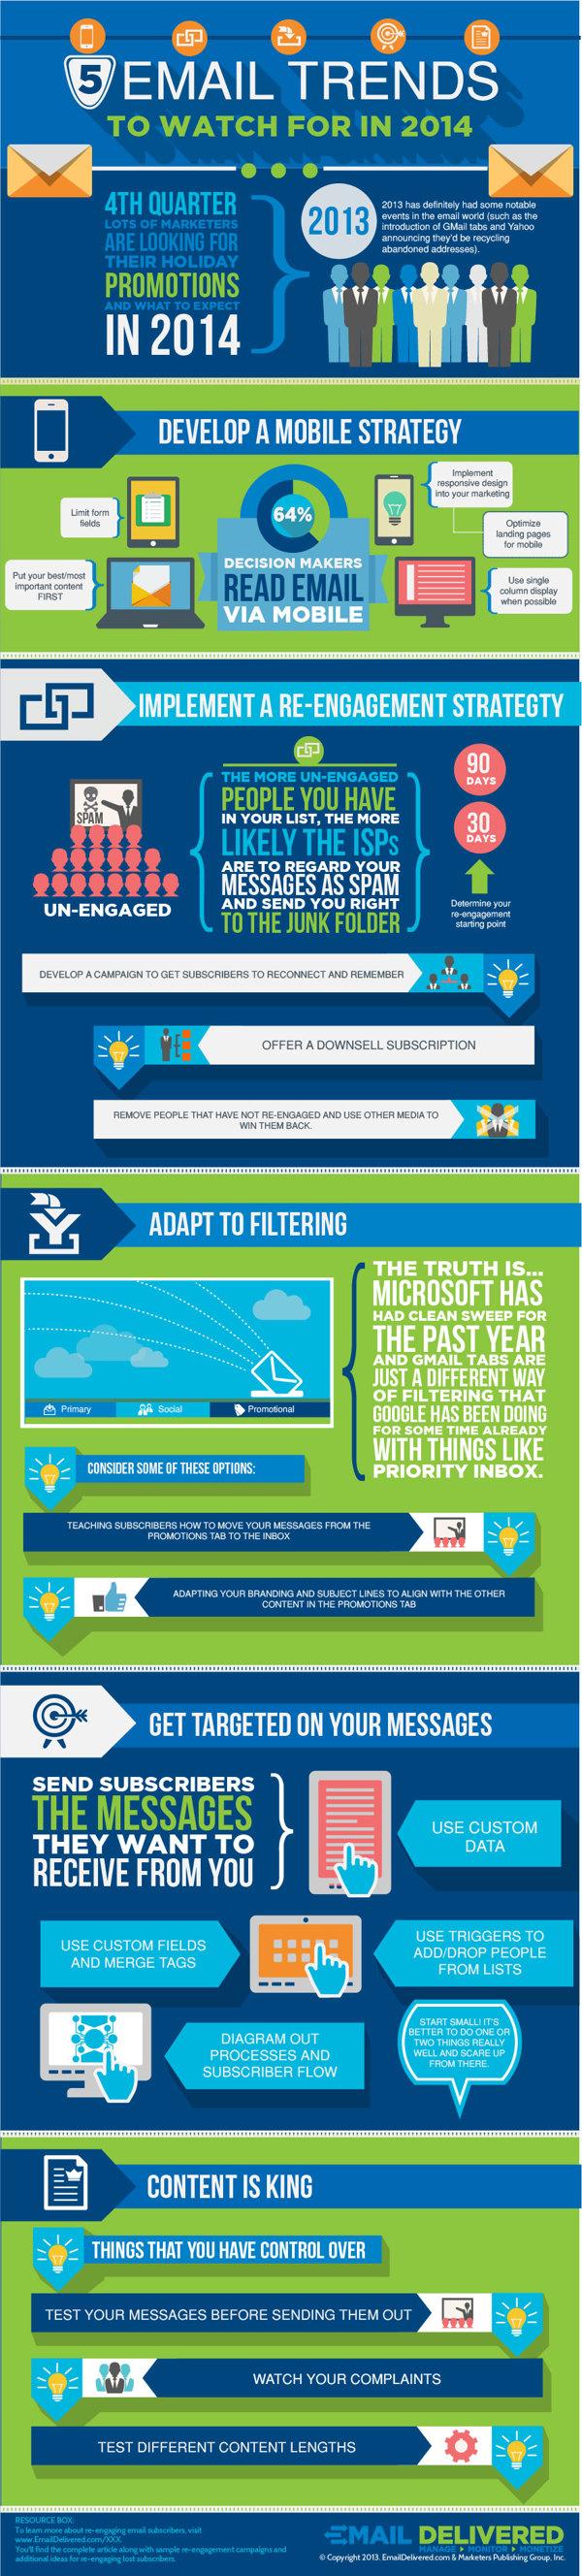 Tendencias sobre correo electrónico para 2014 #infografia #infographic #internet